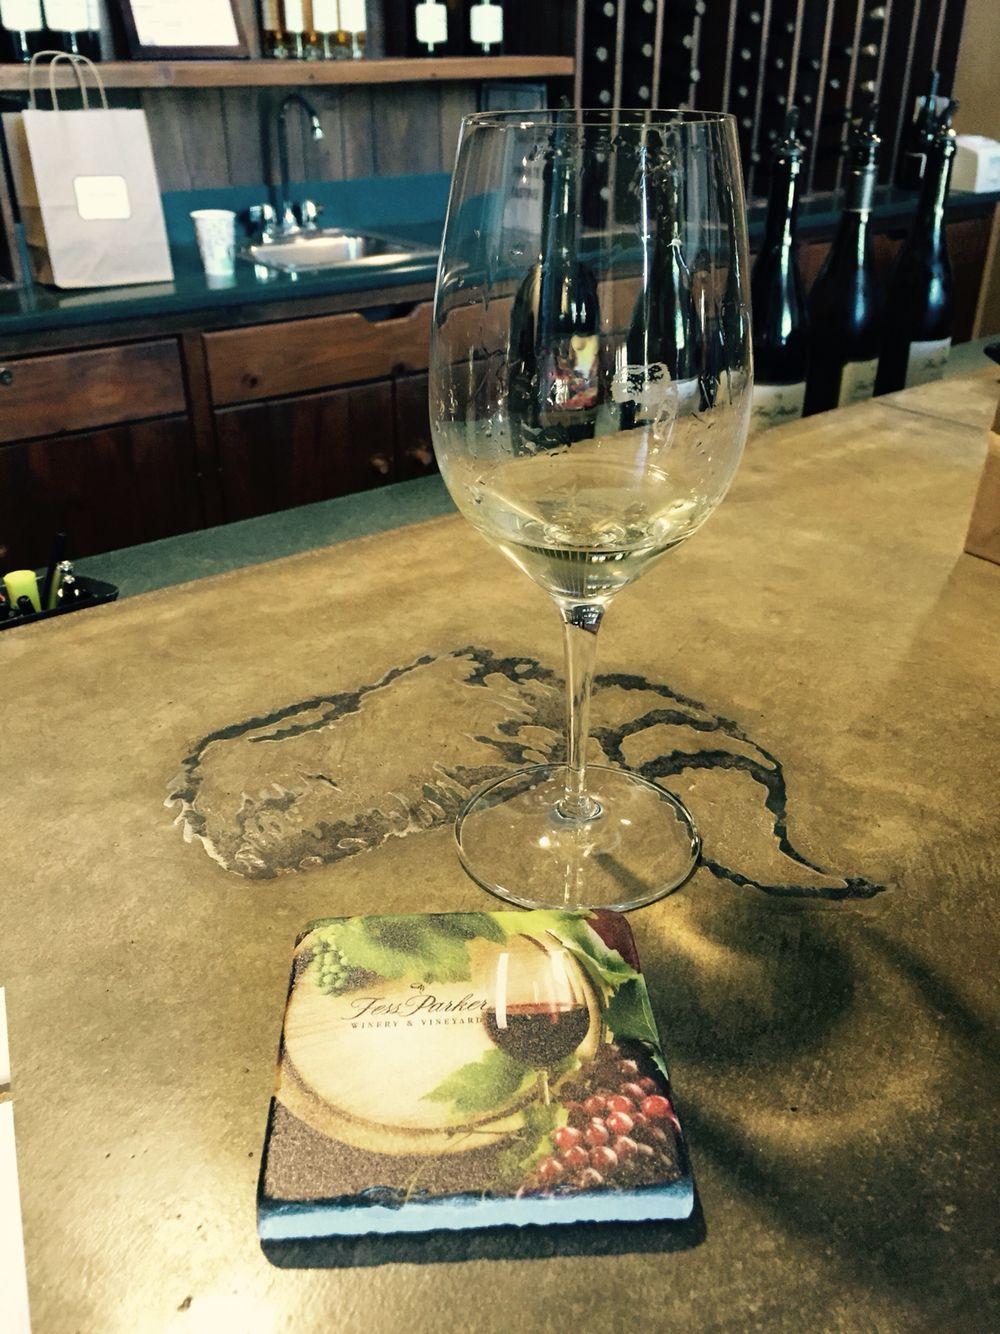 Fess Parker Winery